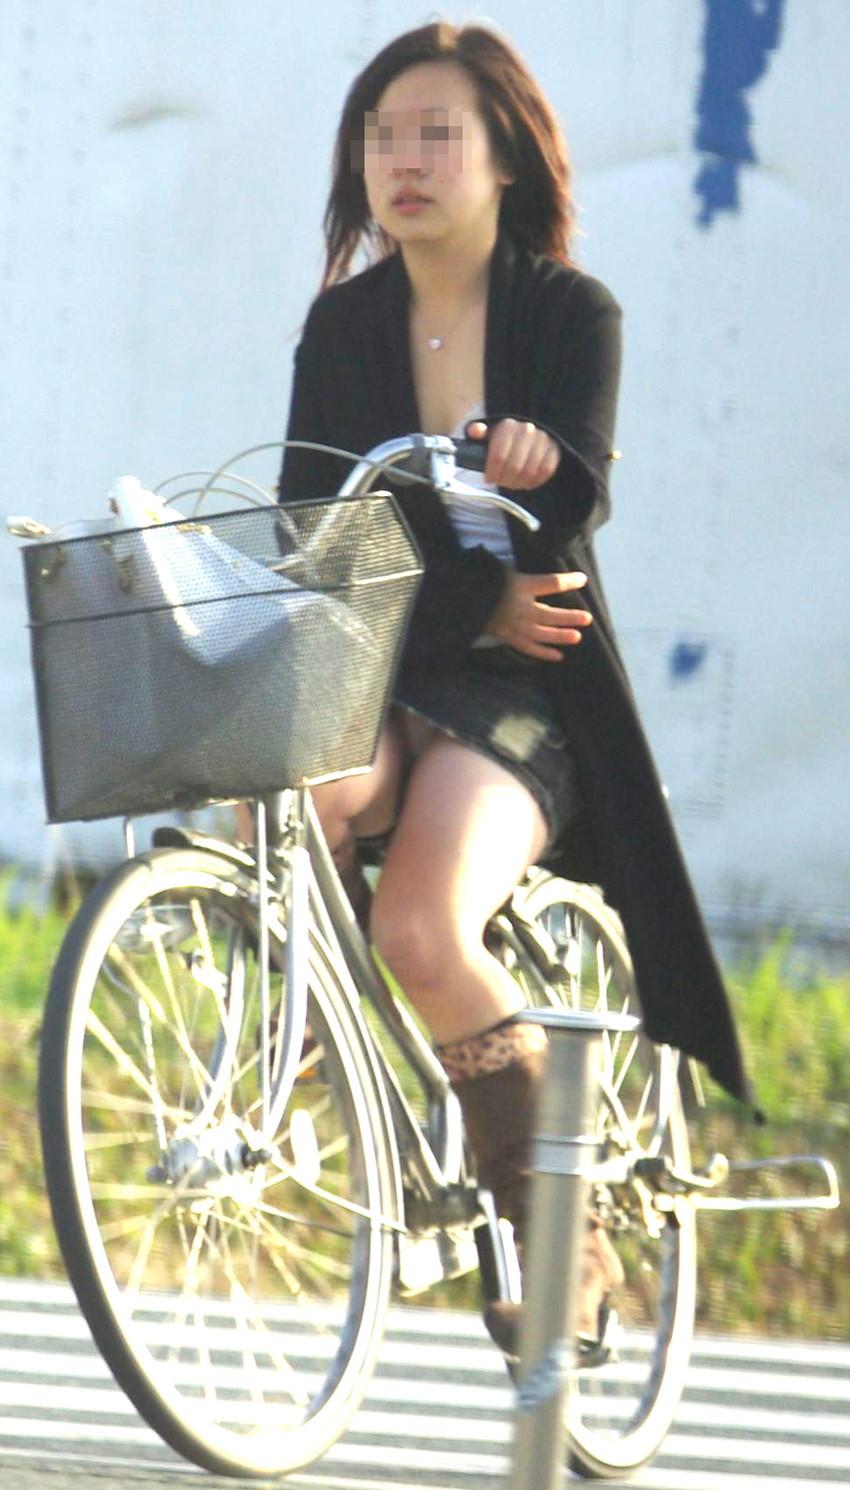 【自転車娘盗撮エロ画像】おいしそうな太ももにパンチラ!自転車娘を激写! 50